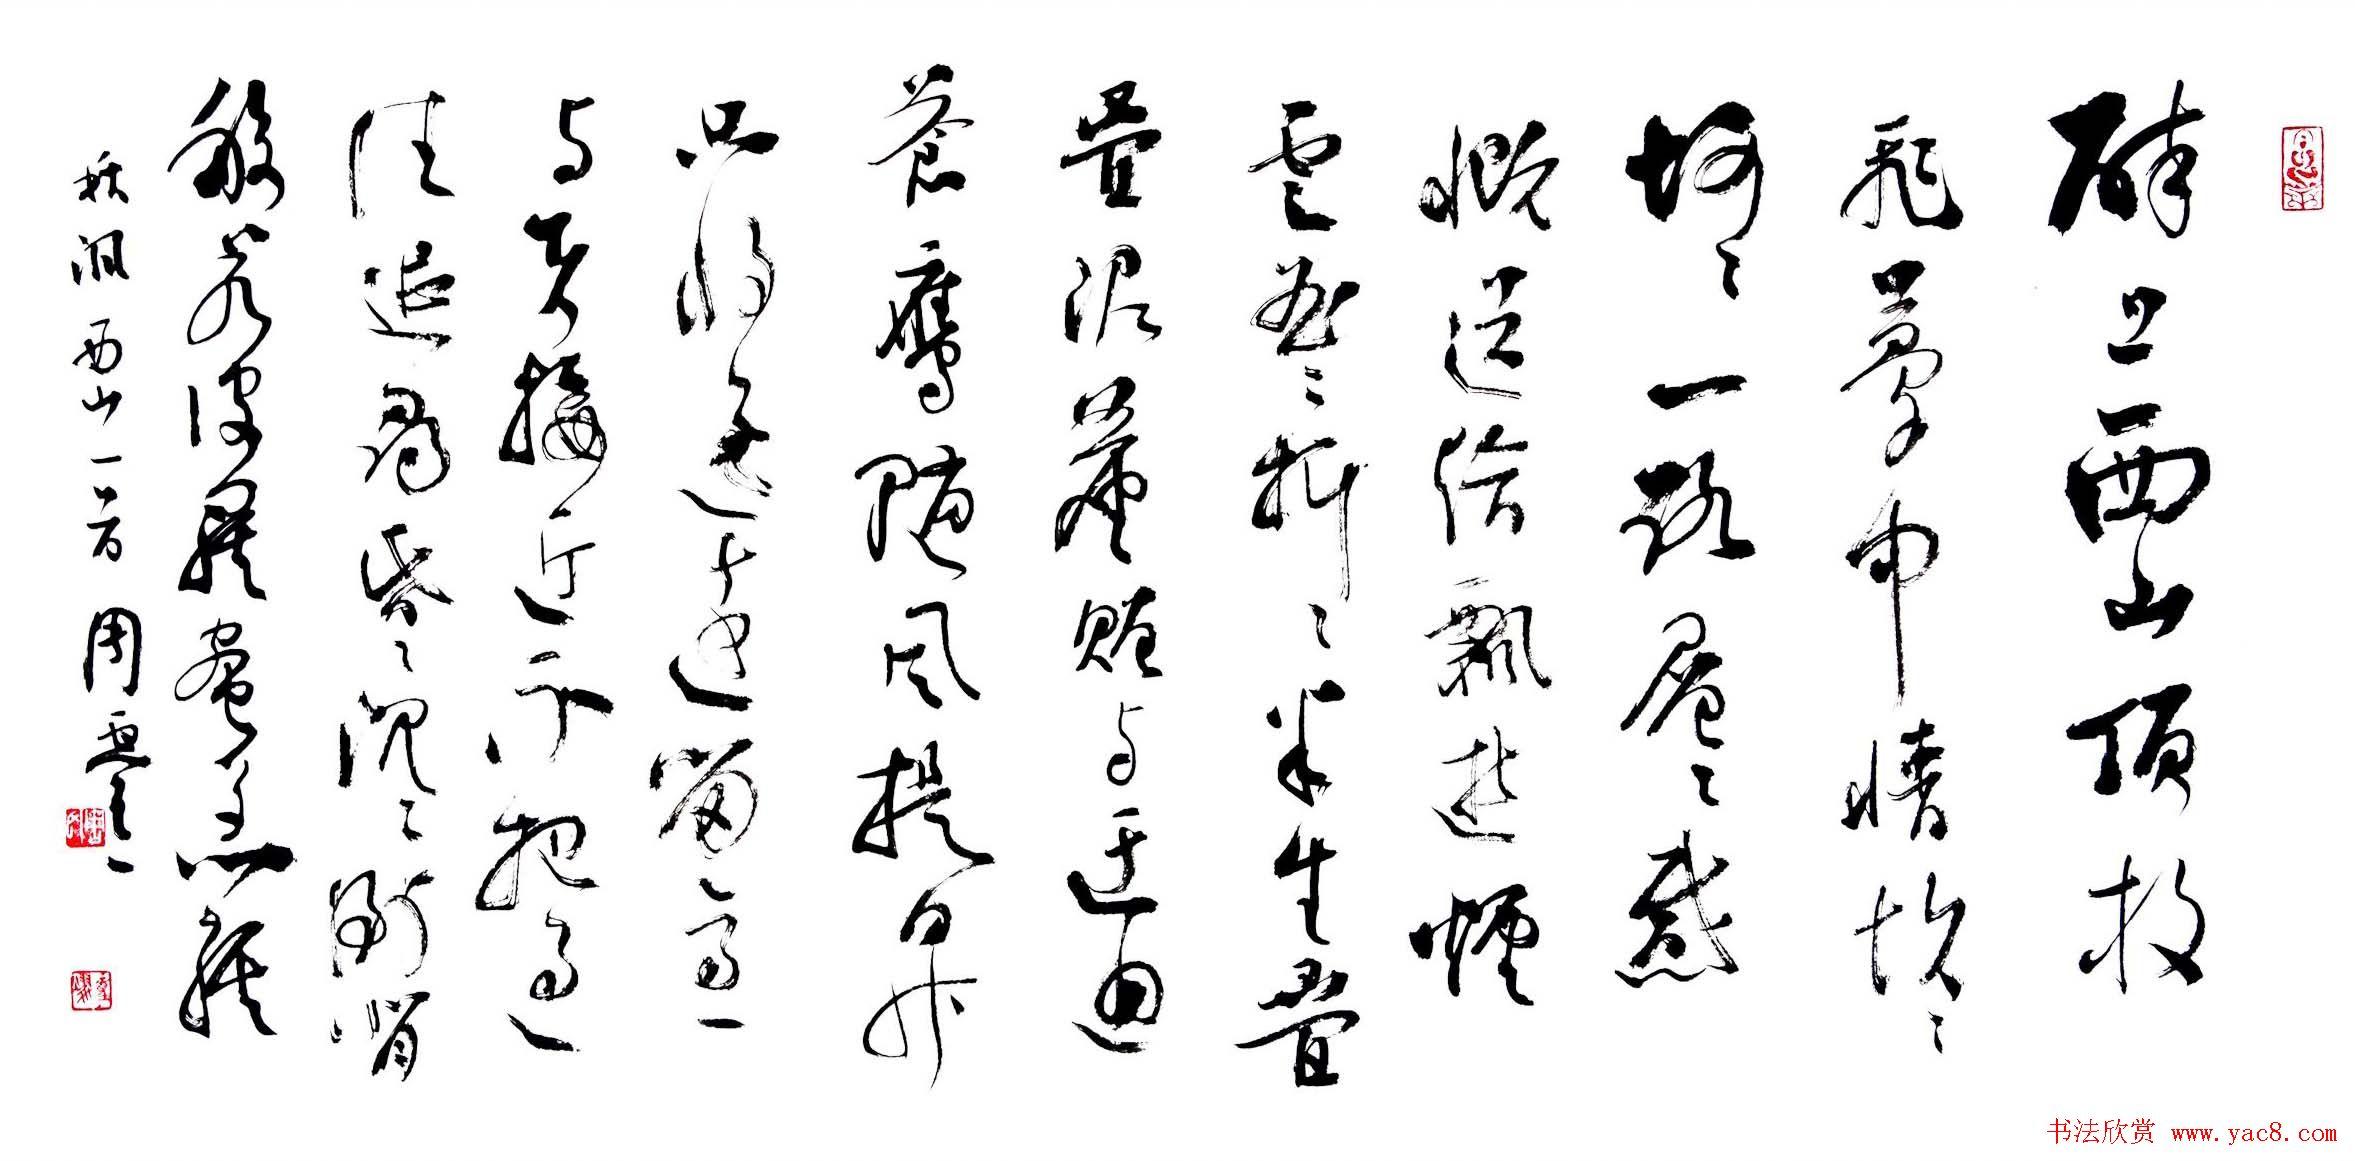 上海周童耀书法作品《秋沨诗词》